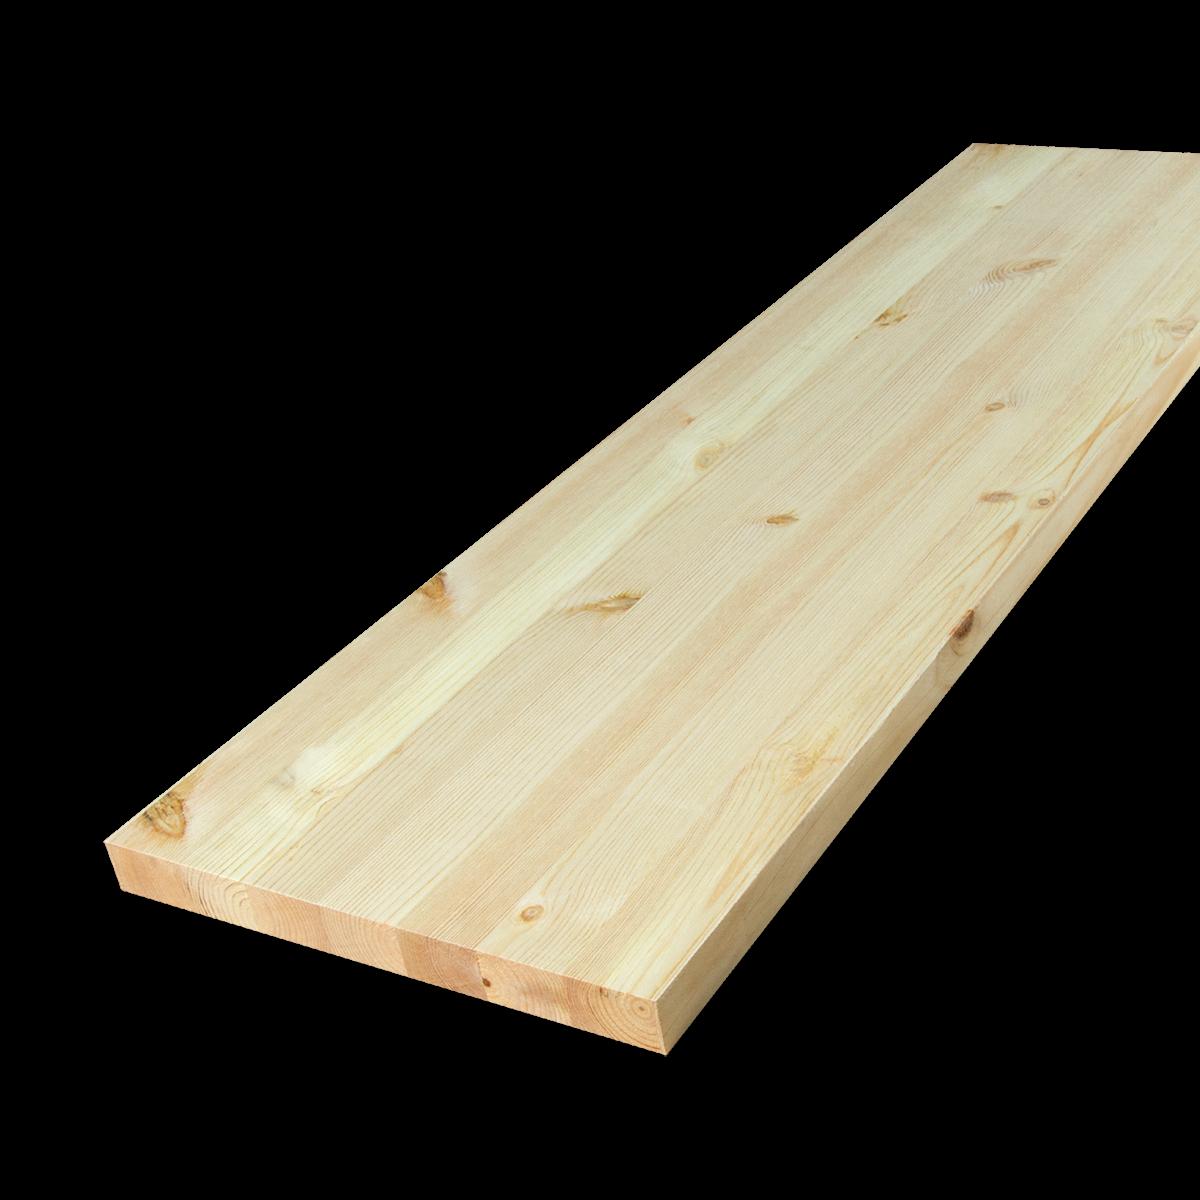 Мебельный щит из сосны - Купить мебельный щит экстра